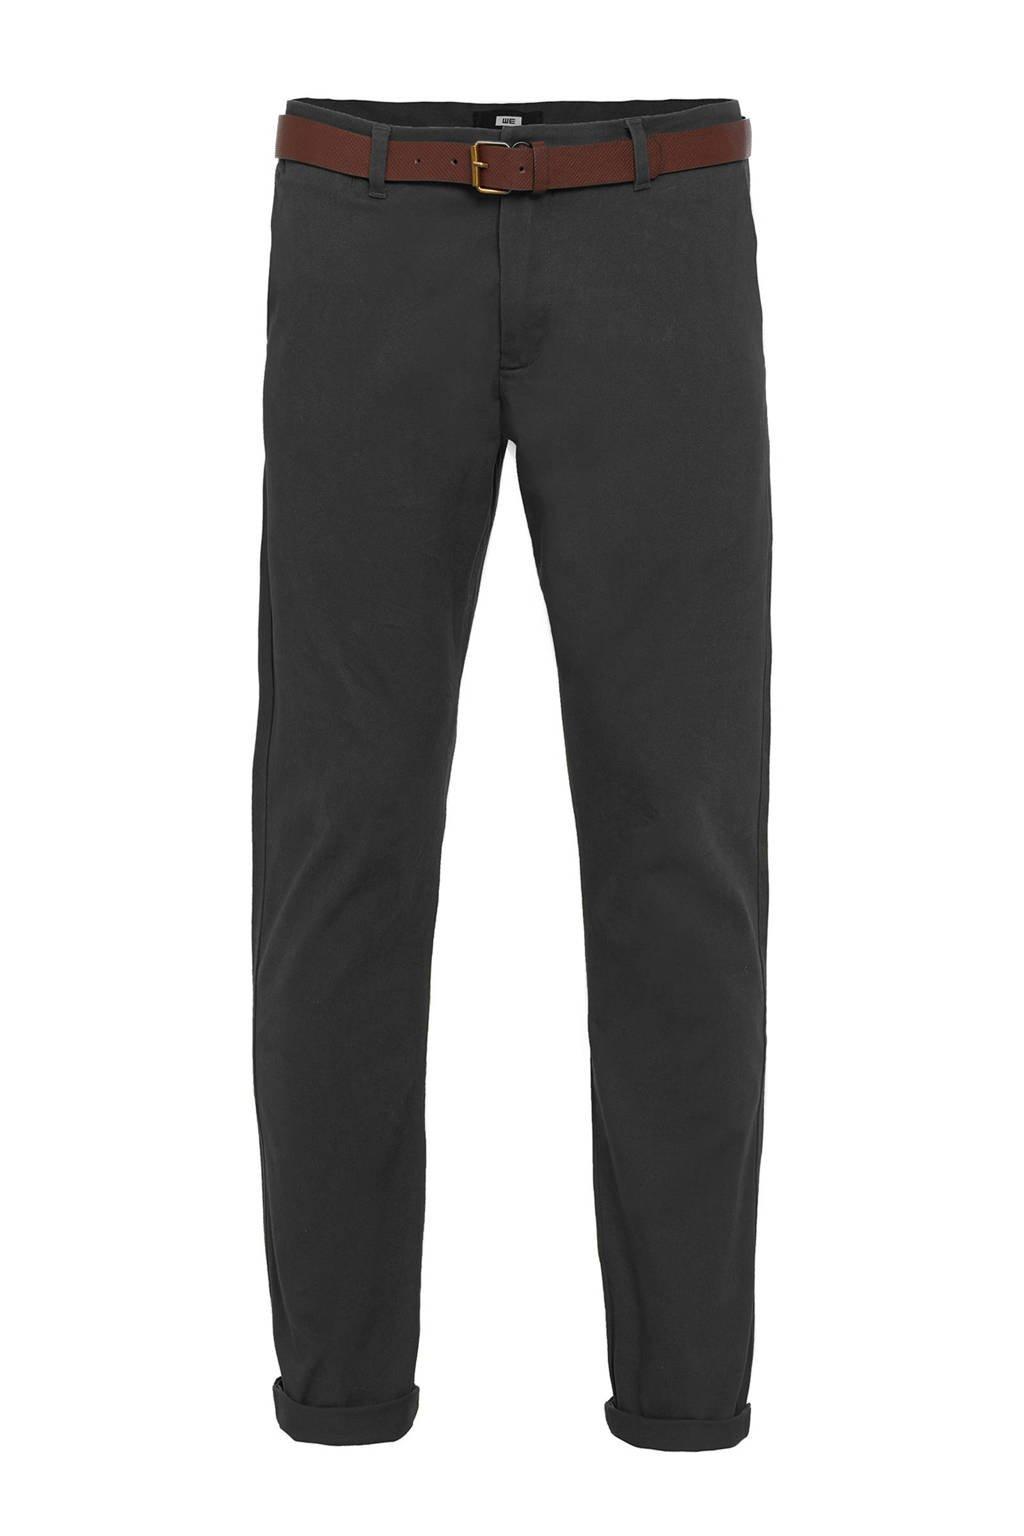 WE Fashion slim fit chino dark grey, Dark grey